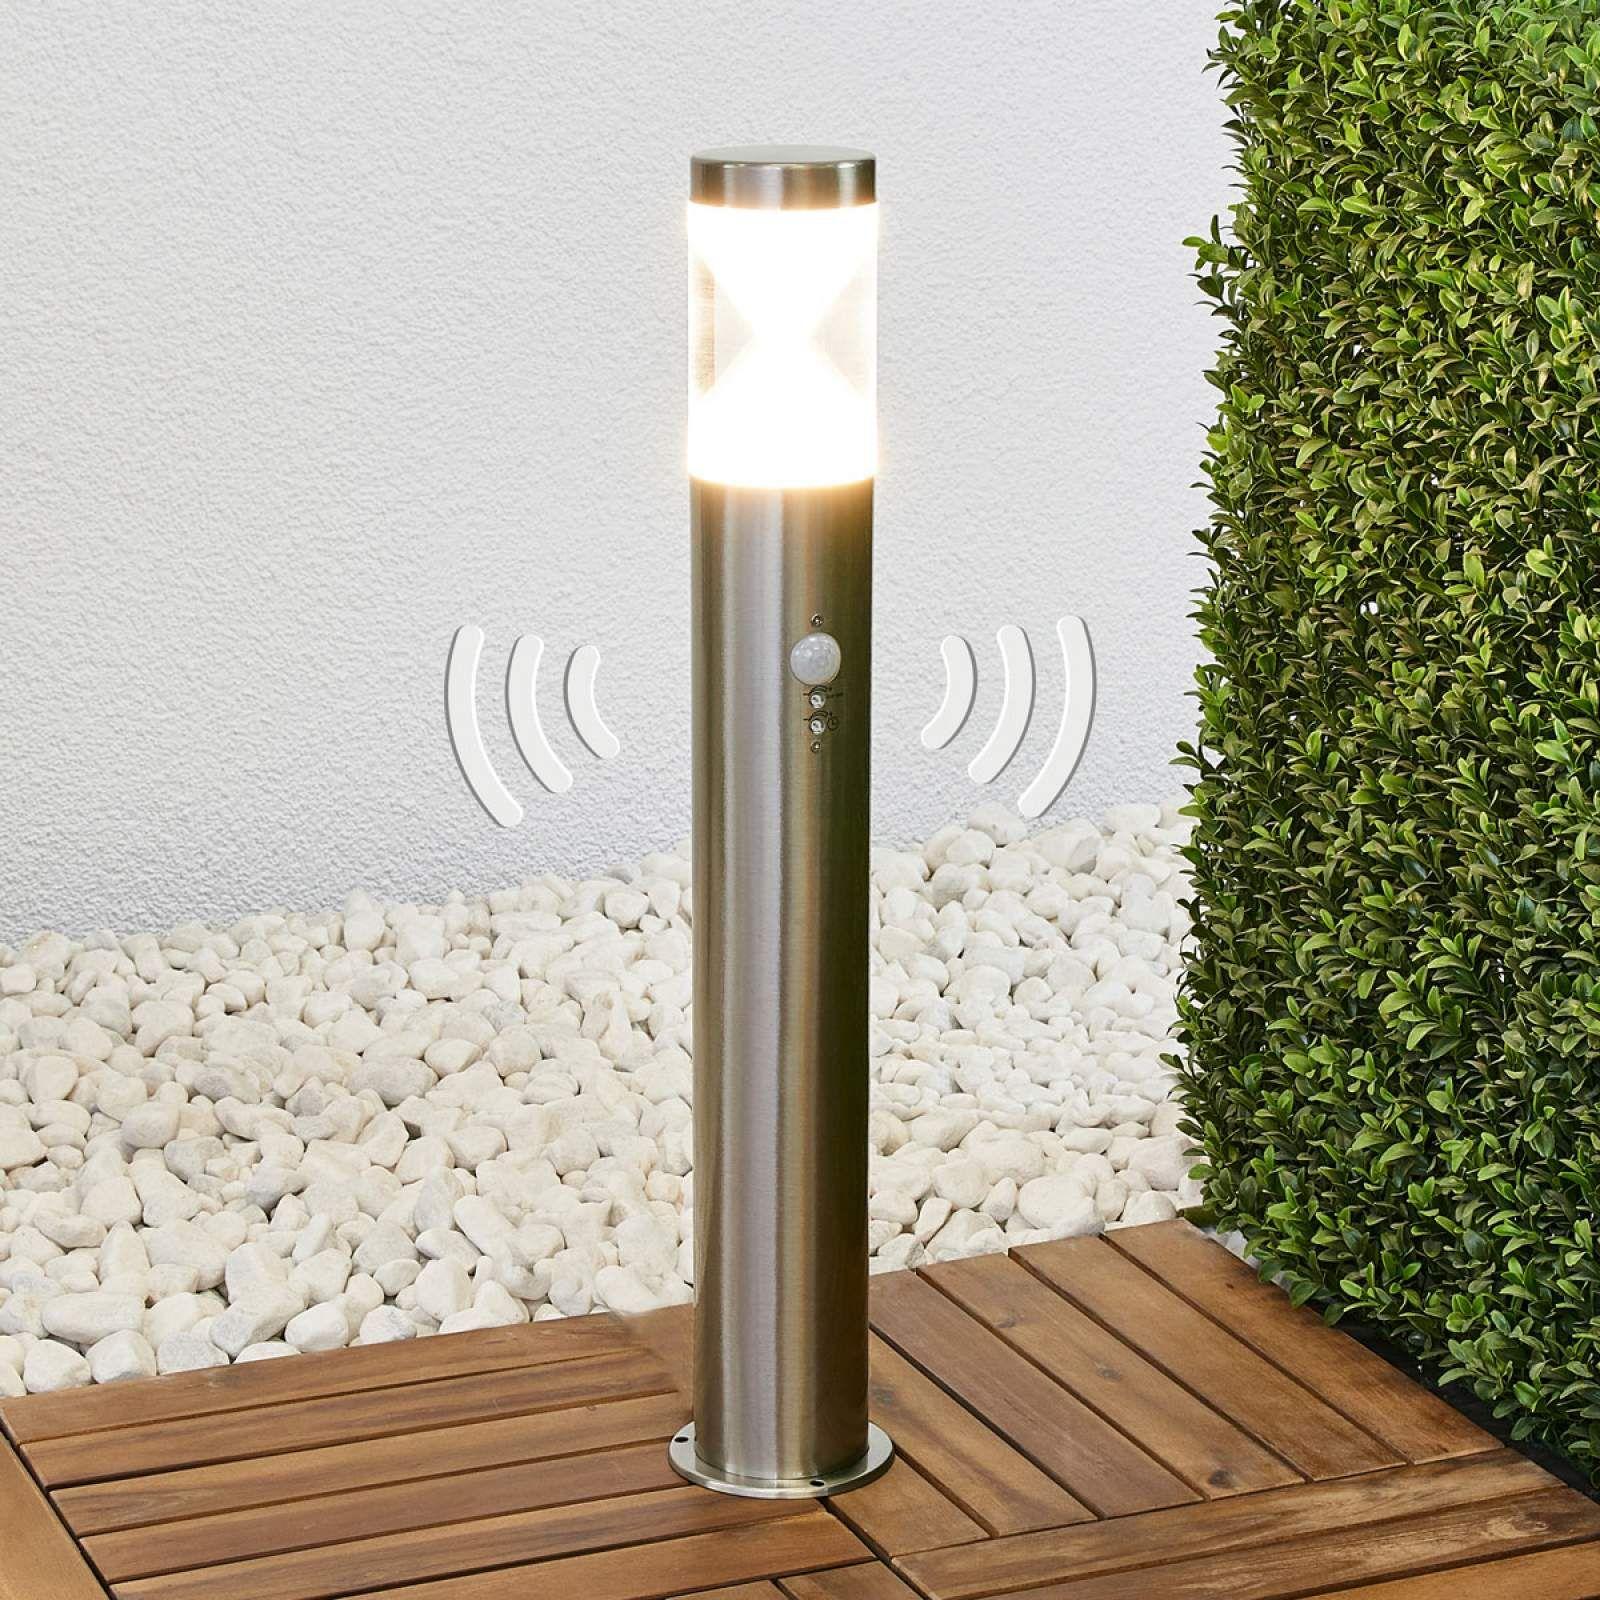 LED Wegeleuchte Jupp 90 cm Lampenwelt Pollerlampe Eckig Modern Außenlampe LEDs